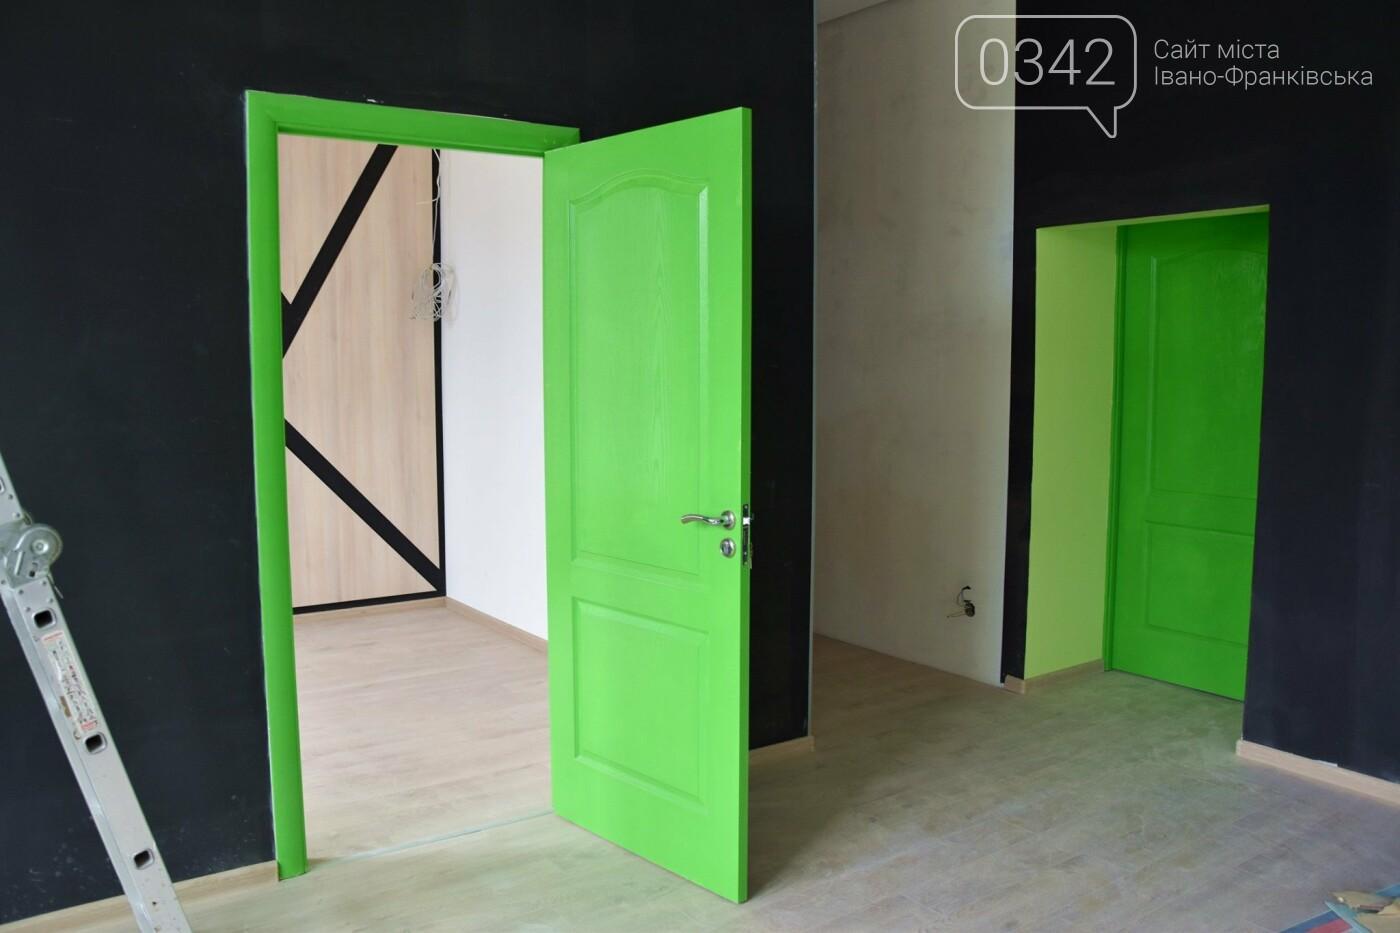 До відкриття кілька кроків: як виглядатиме Центр освітніх інновацій у Франківську (фото), фото-2